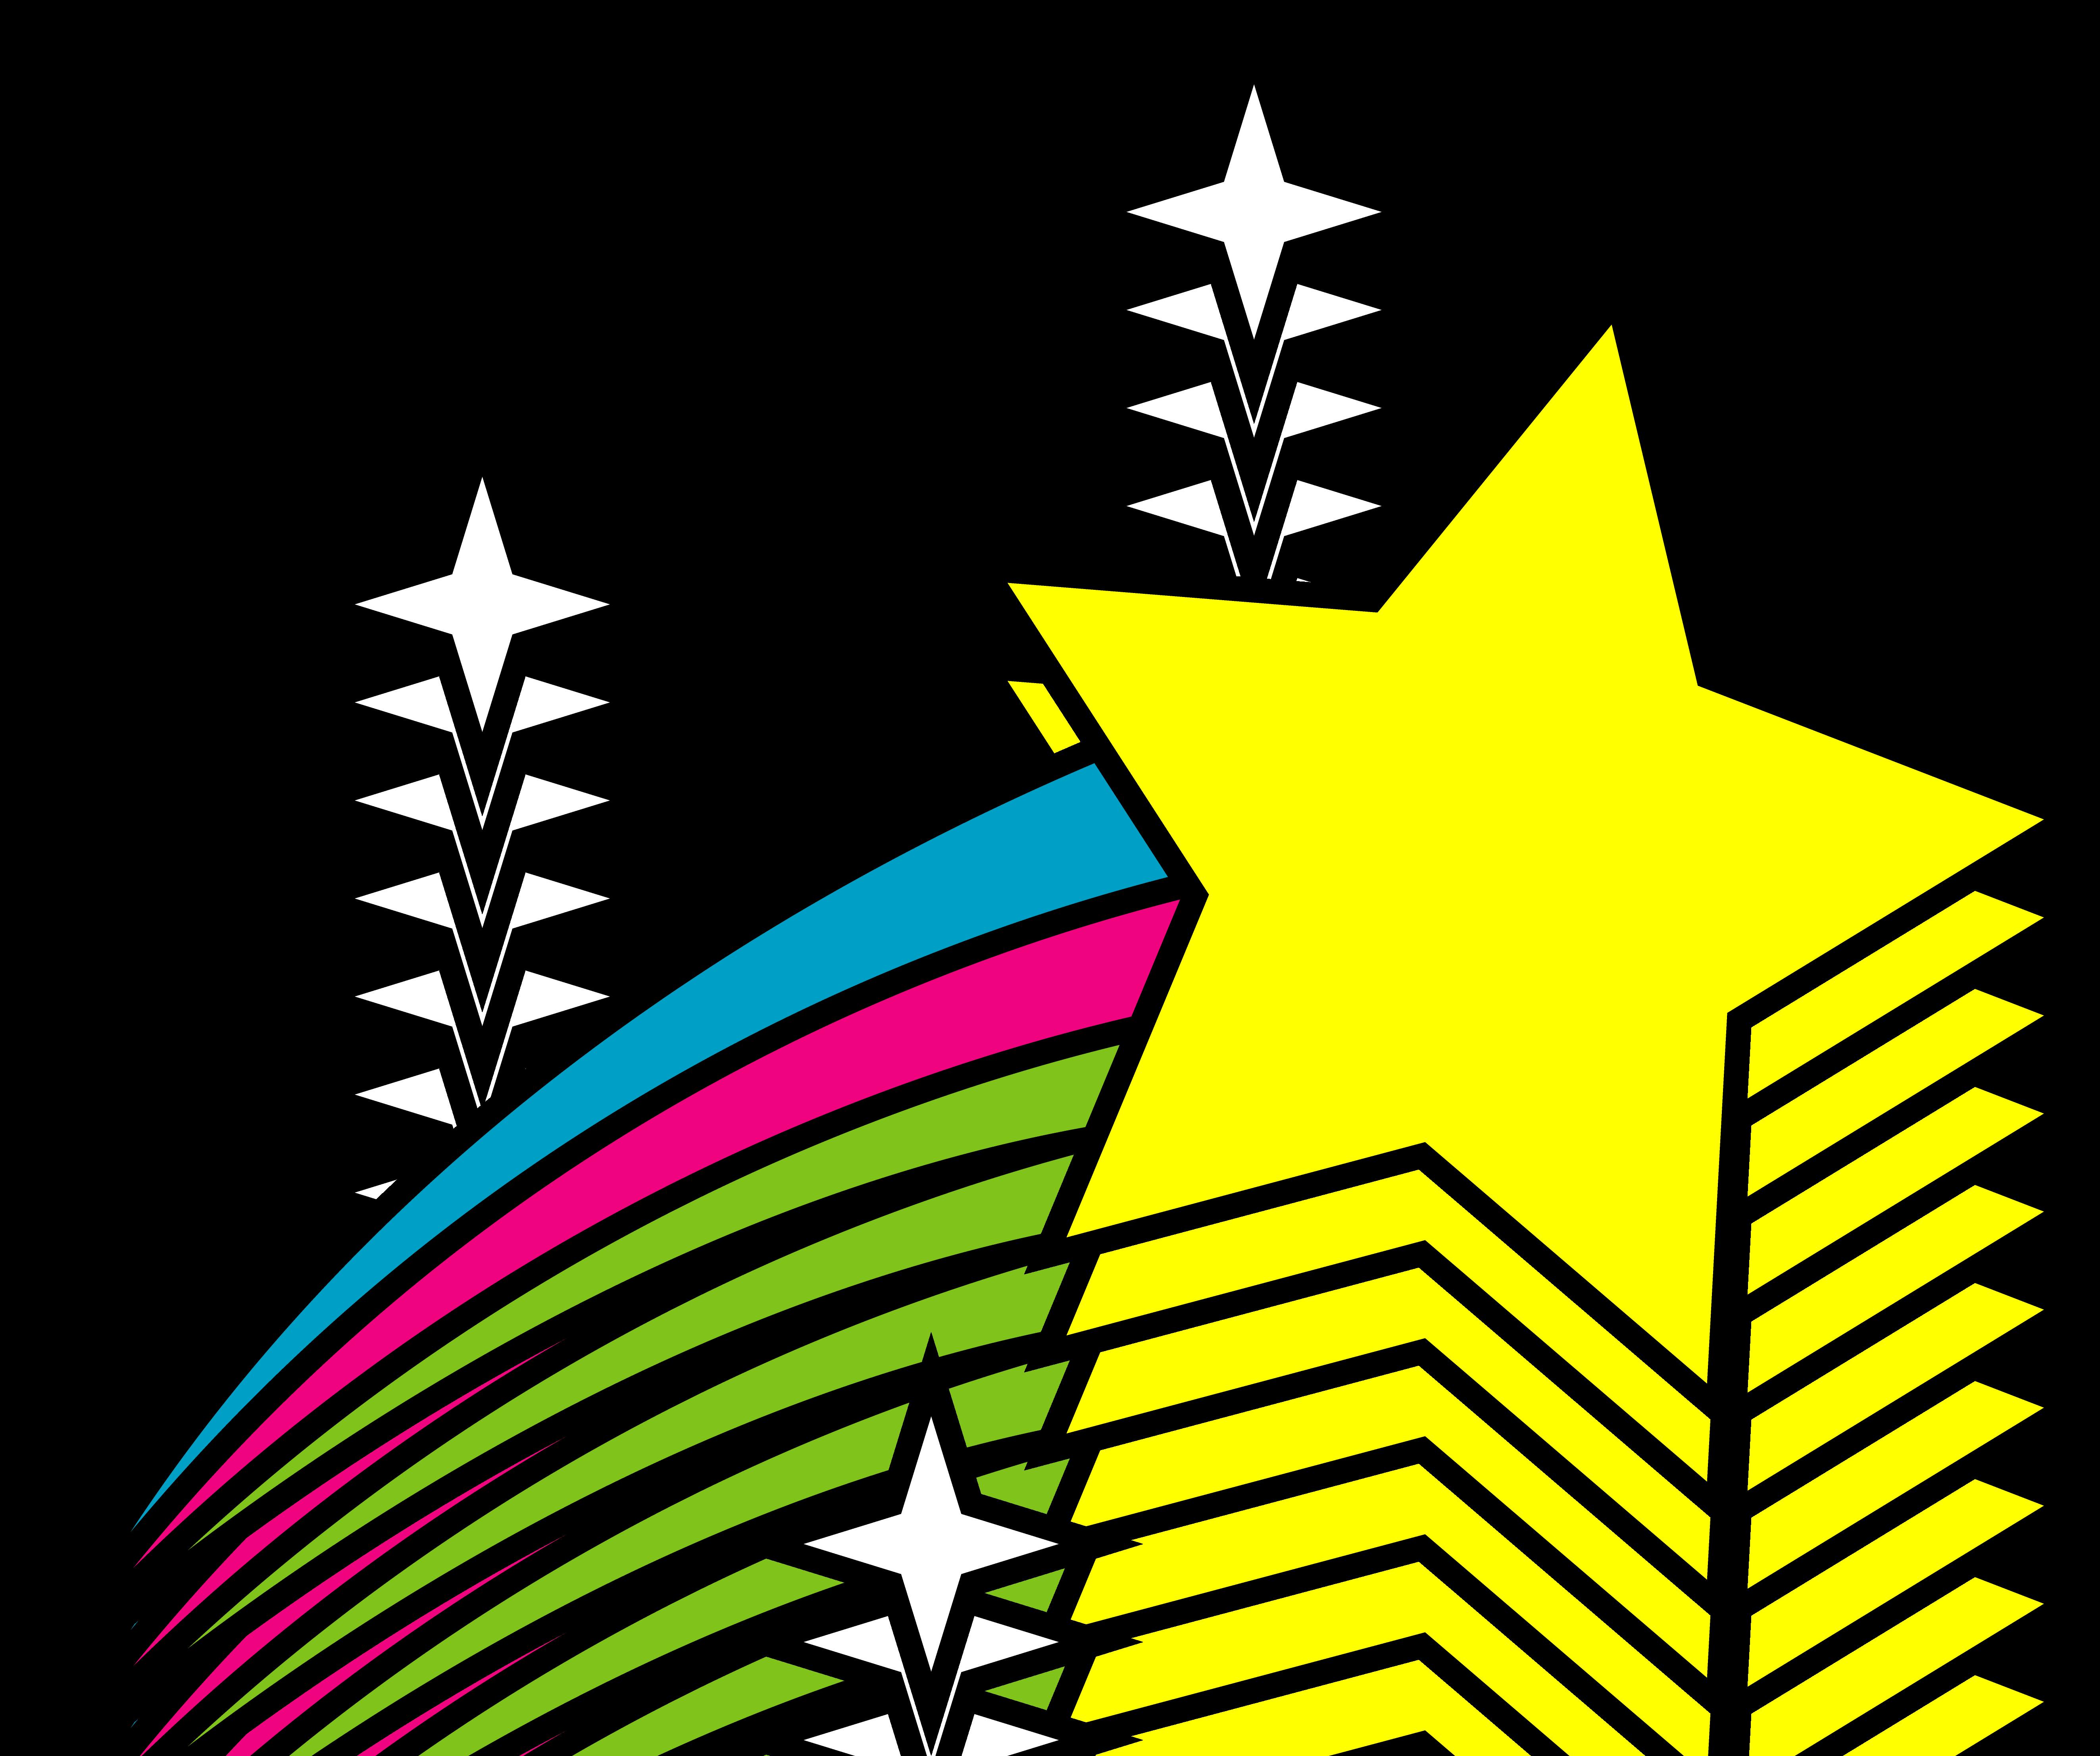 5292x4424 Shooting Star Clip Art I Description